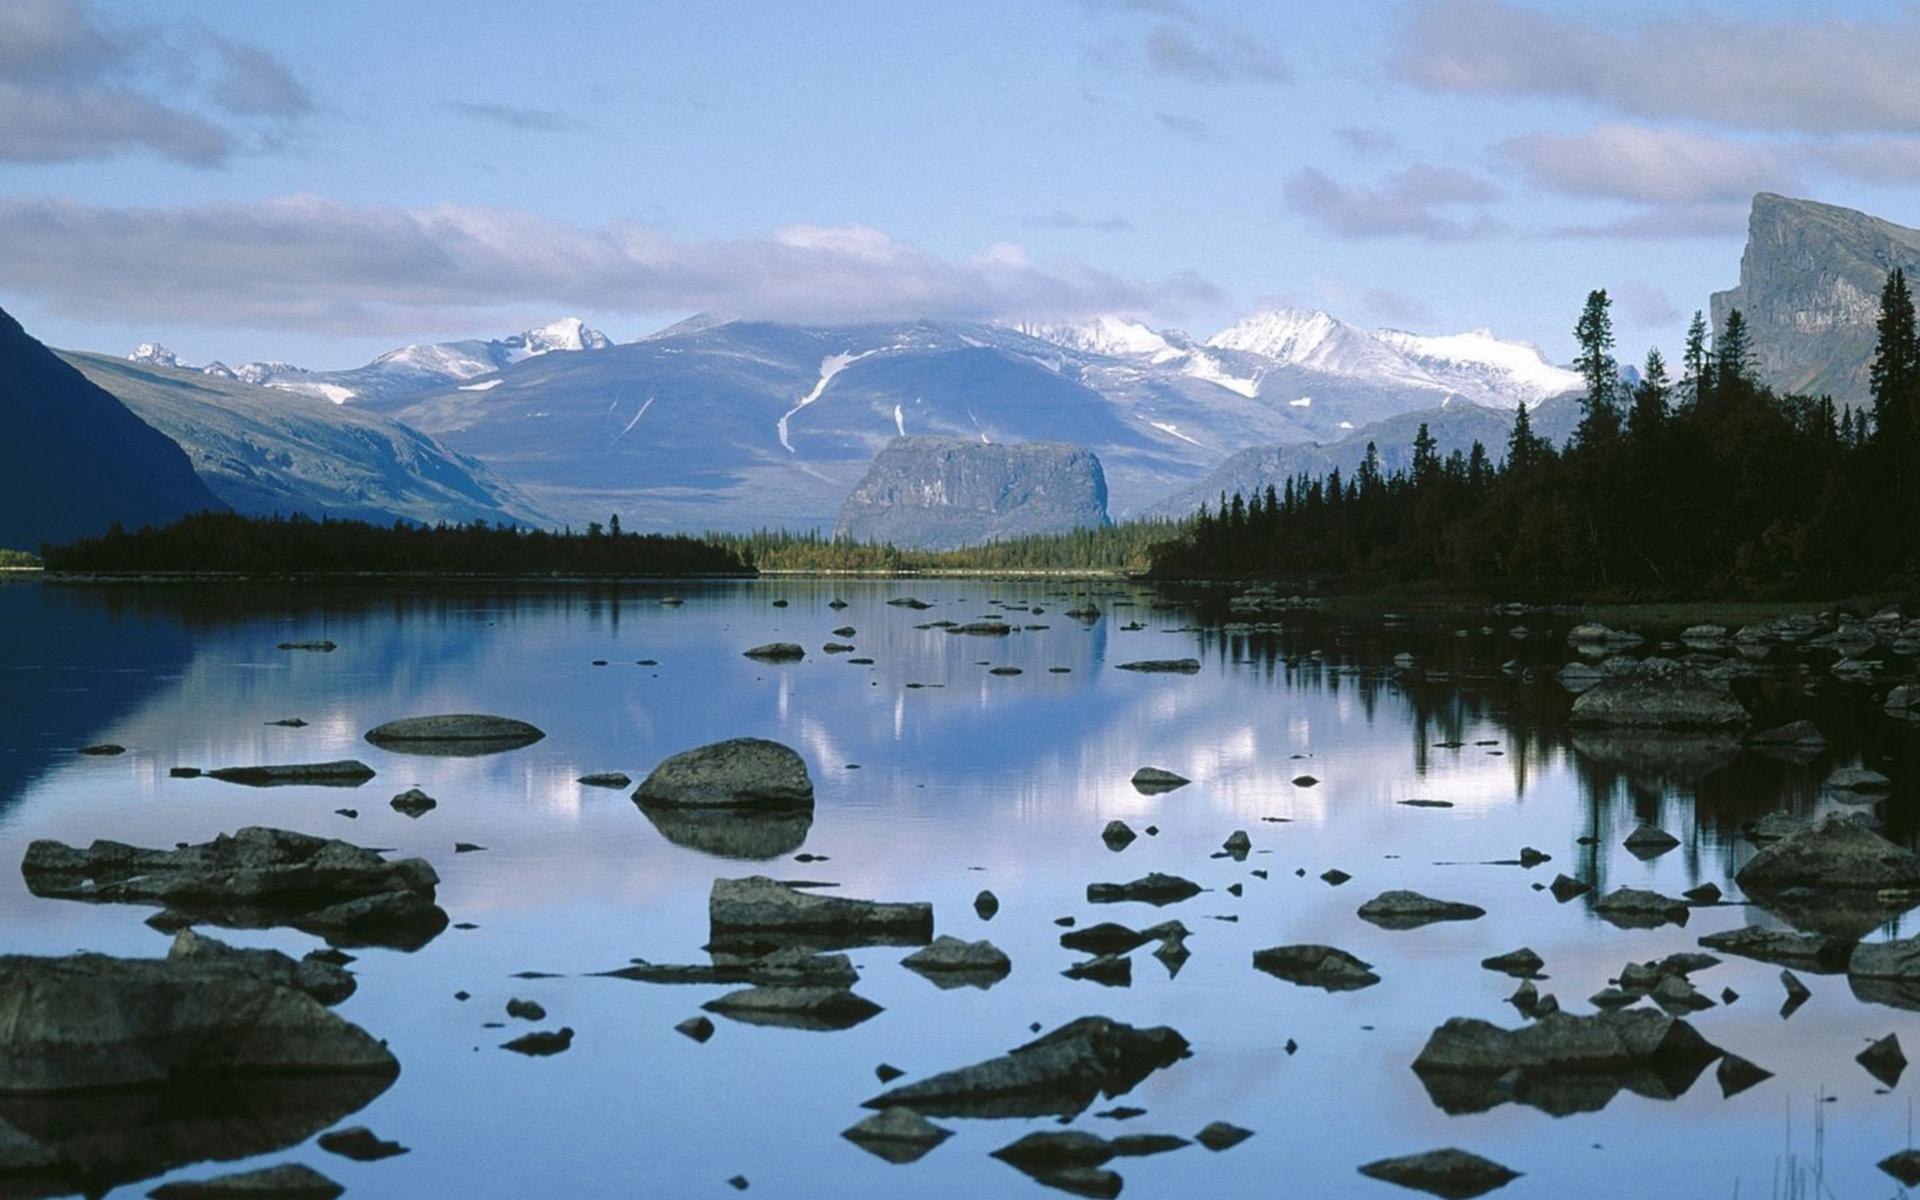 максимально отделить картинки фото озера внутри гор запечатлеть